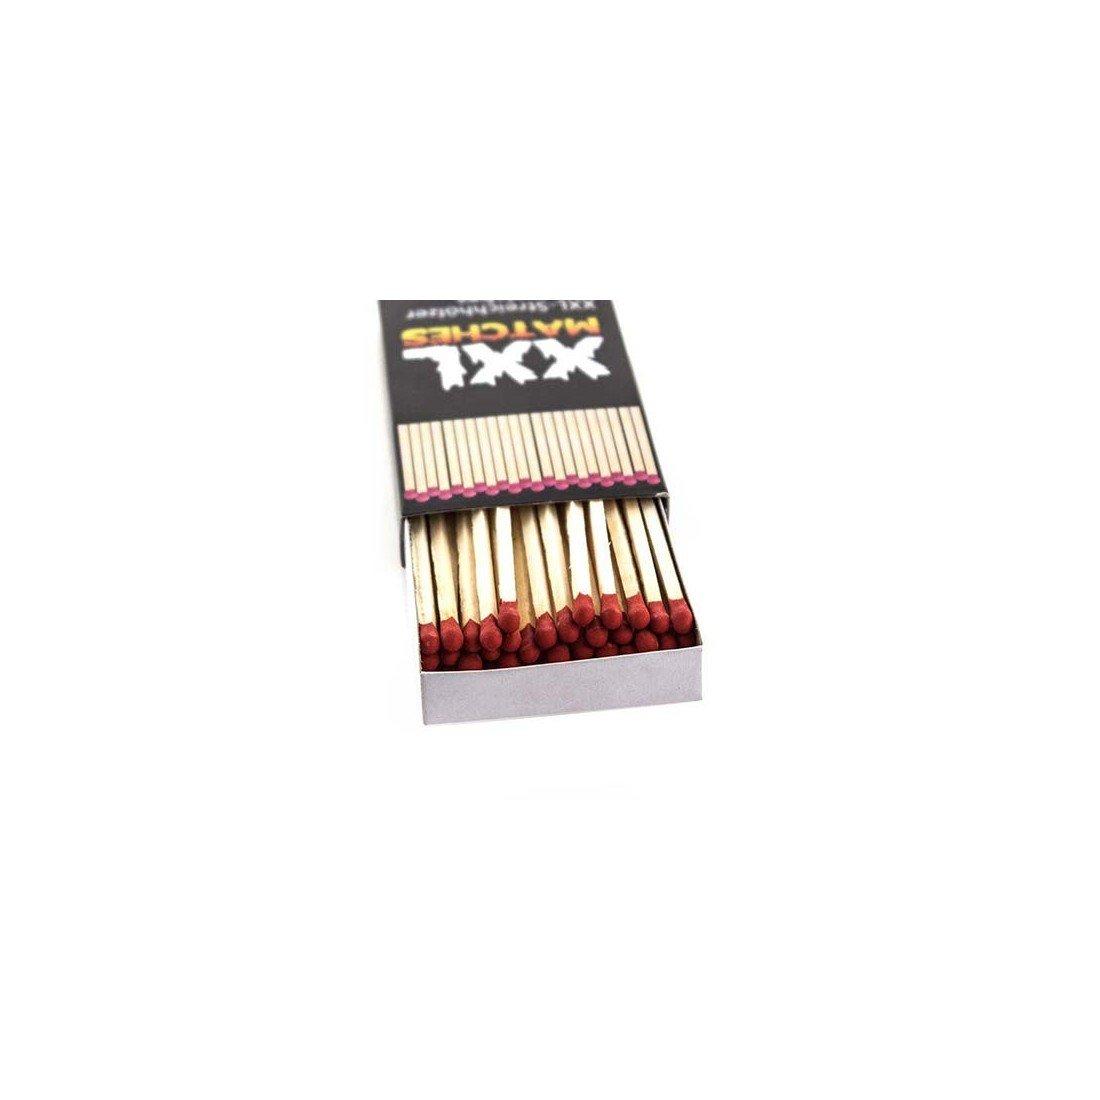 2253 XXL Matches OOTB